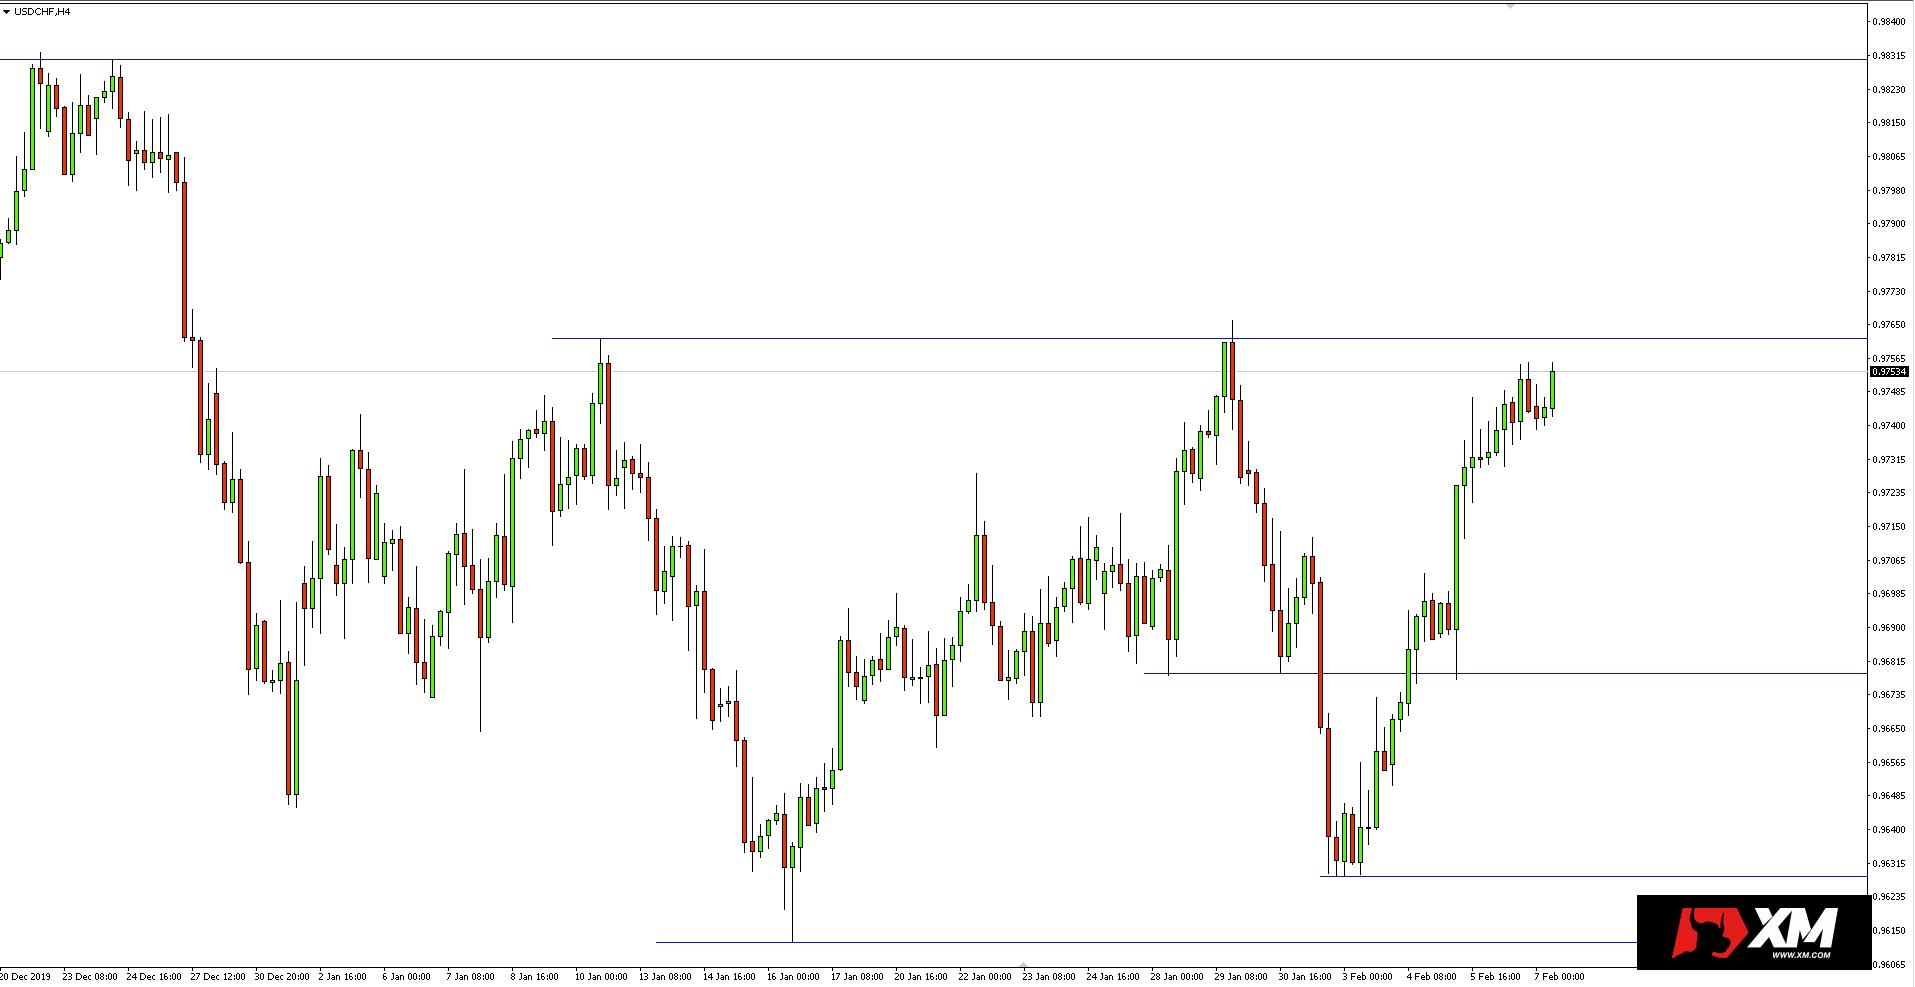 Wykres 4-godzinny pary walutowej USDCHF - 7 lutego 2020 r.